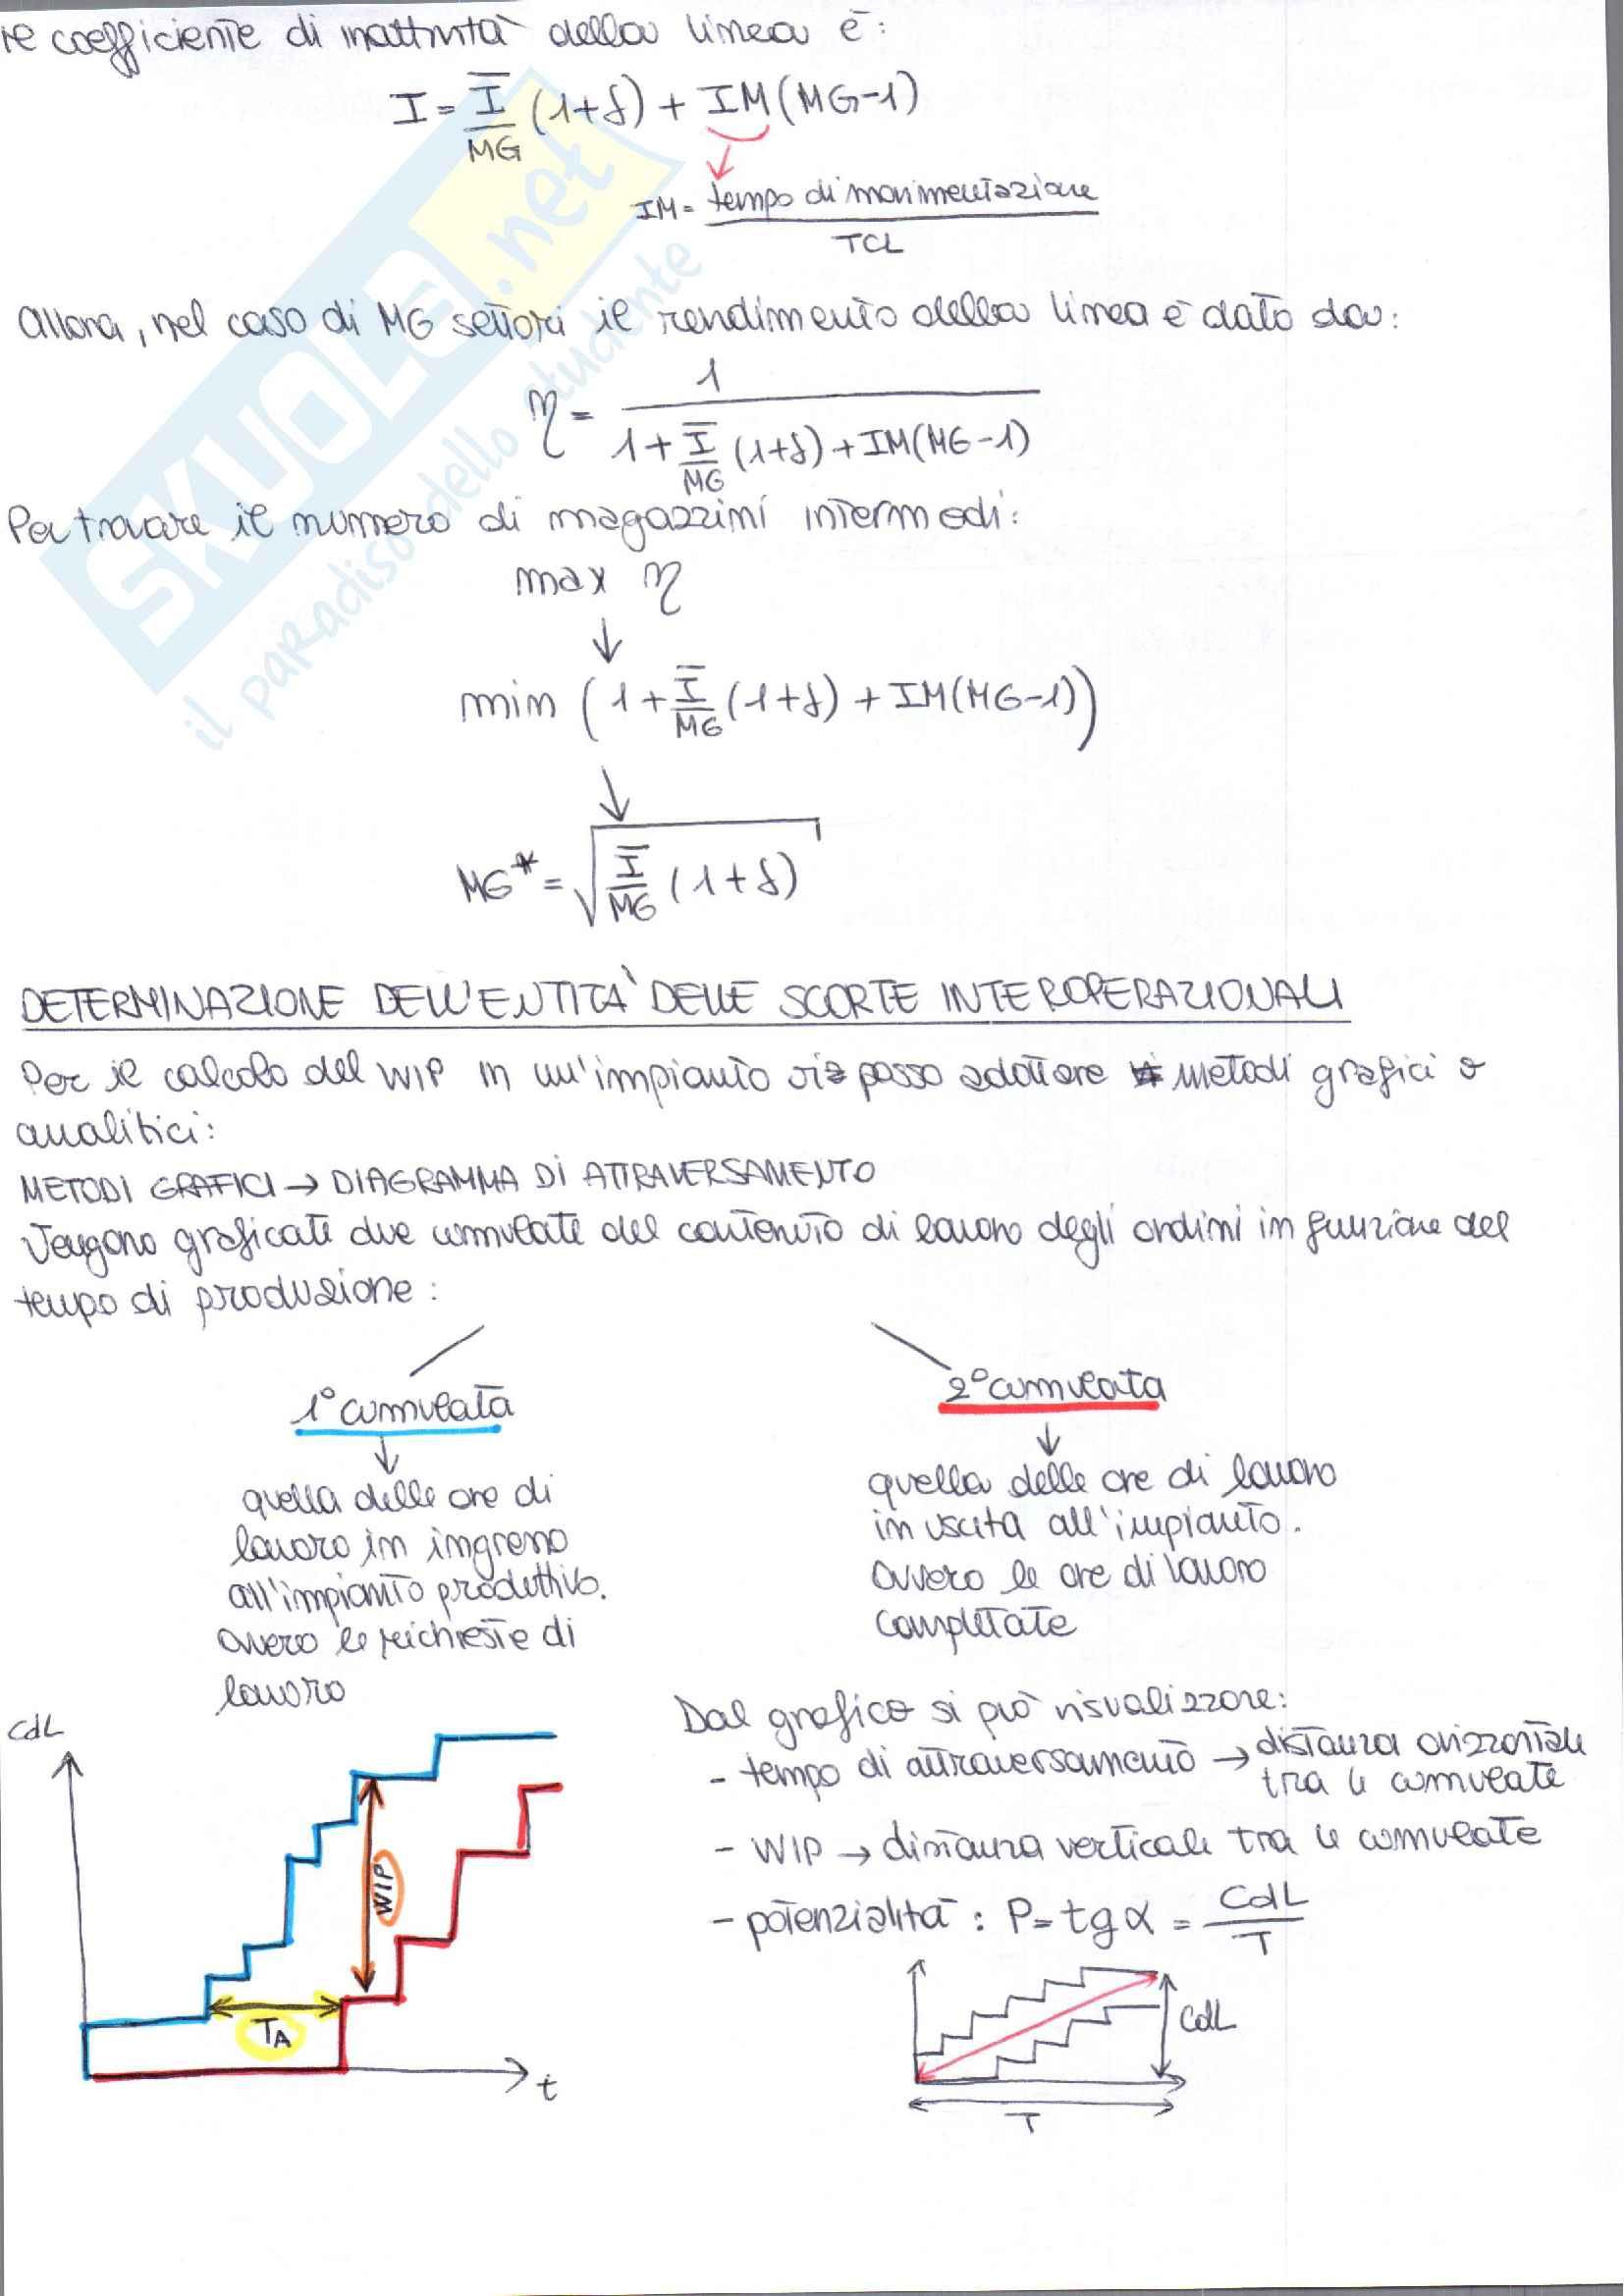 Appunti di Gestione degli Impianti Industriali prof. Costantino Pag. 16